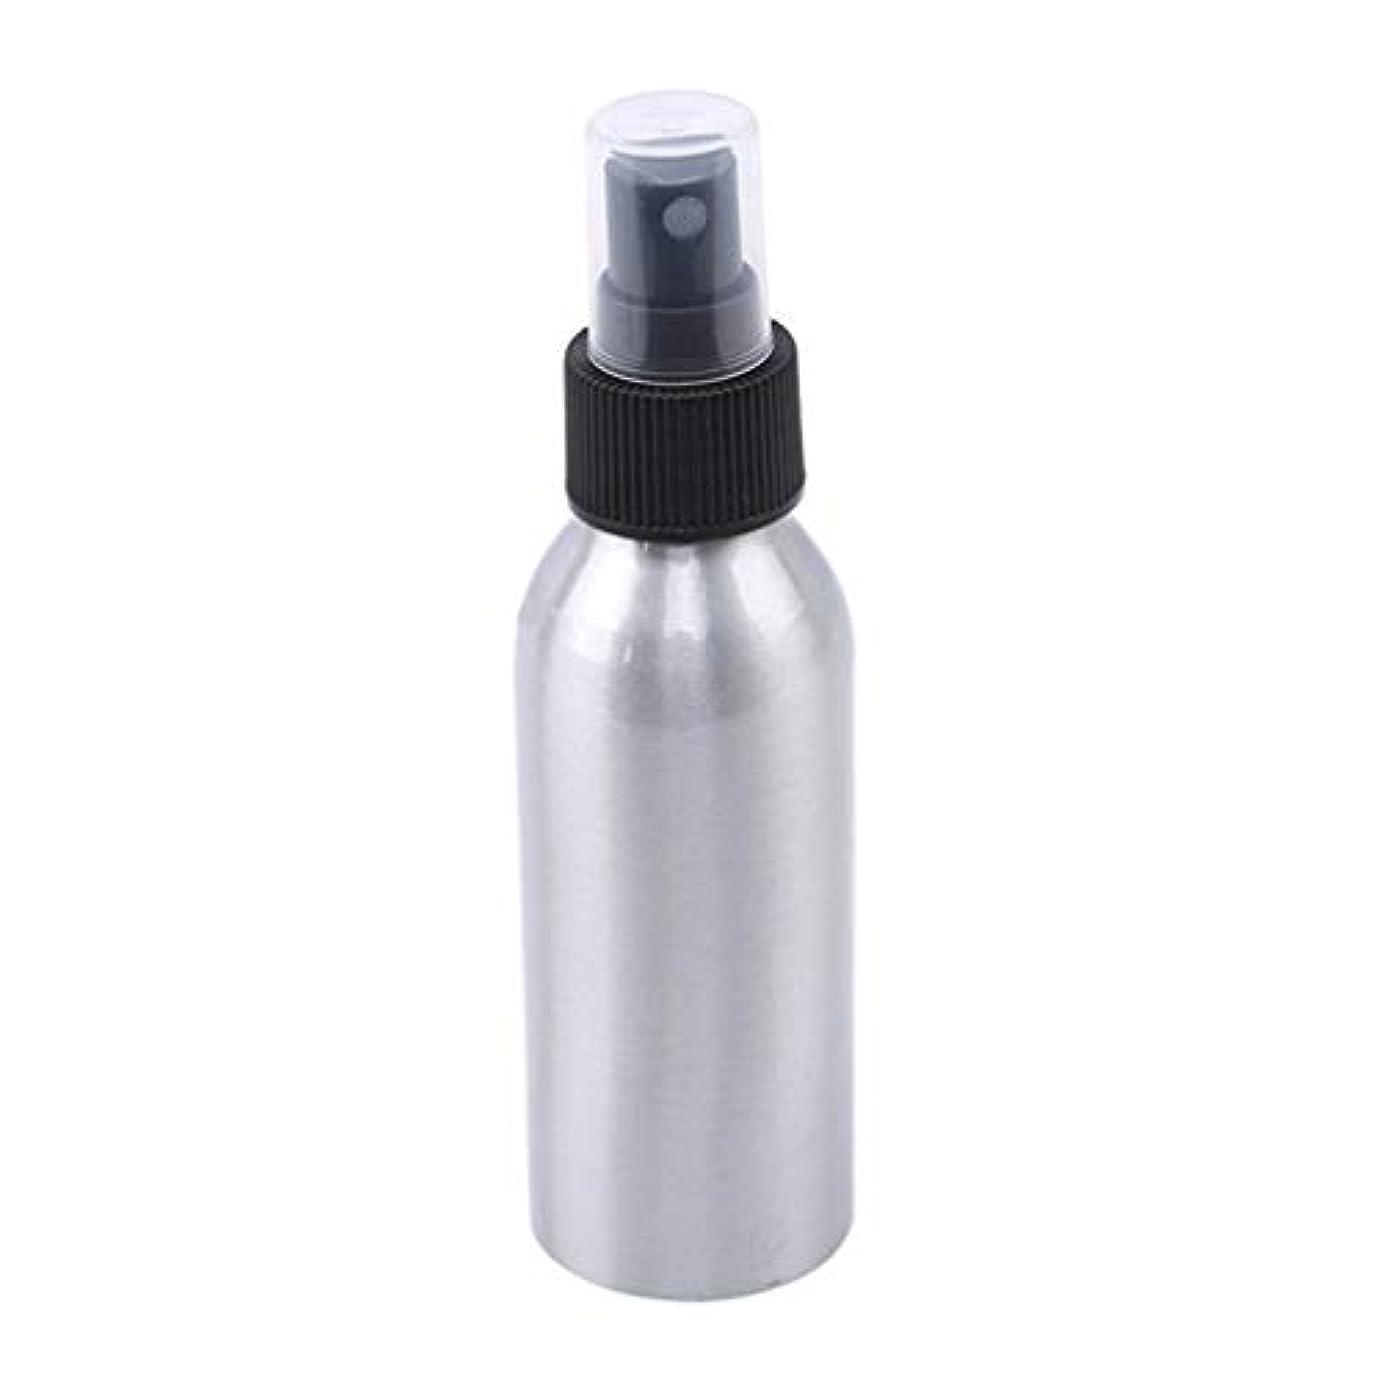 財団酸っぱい仮定LJSLYJ 100ml詰め替え式の瓶の大広間の美容院のスプレーヤーの構造用具